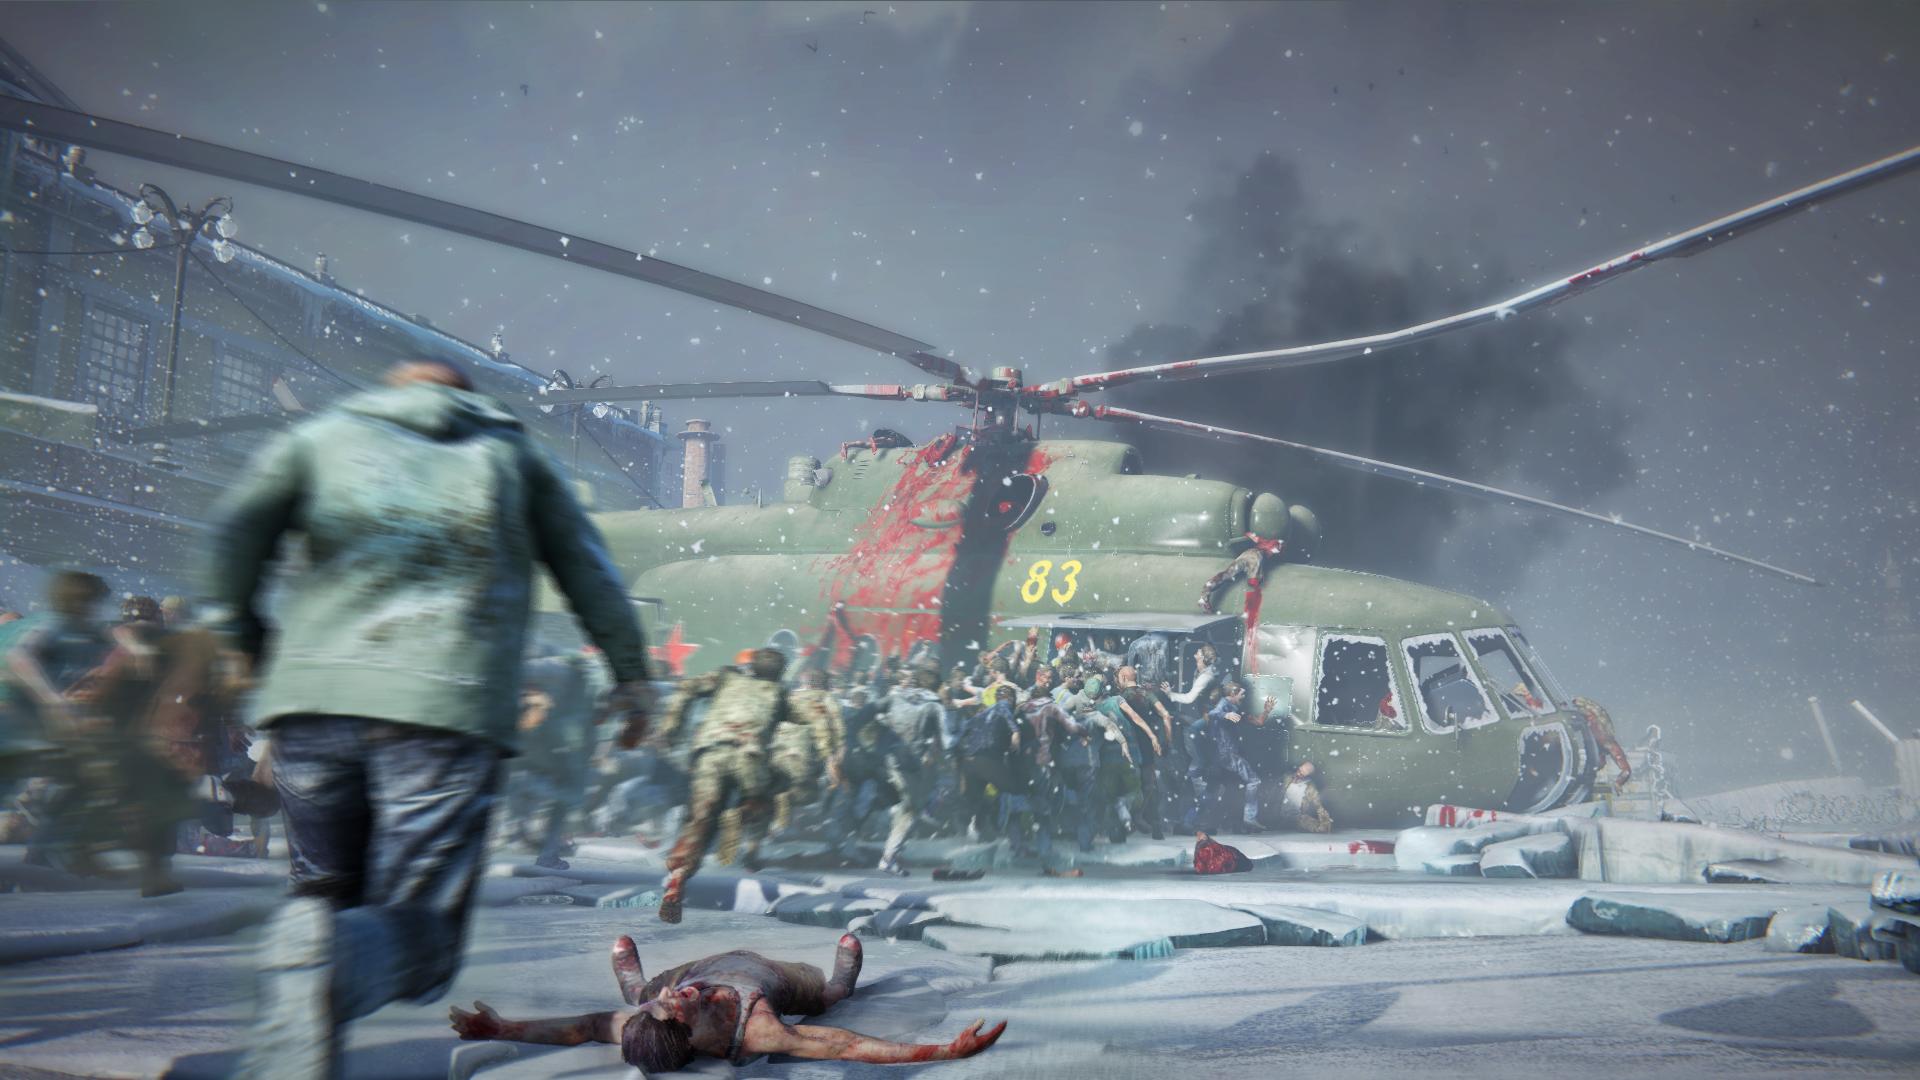 Ещё одна вариация на тему Left 4 Dead — больше 10 минут геймплея World War Z